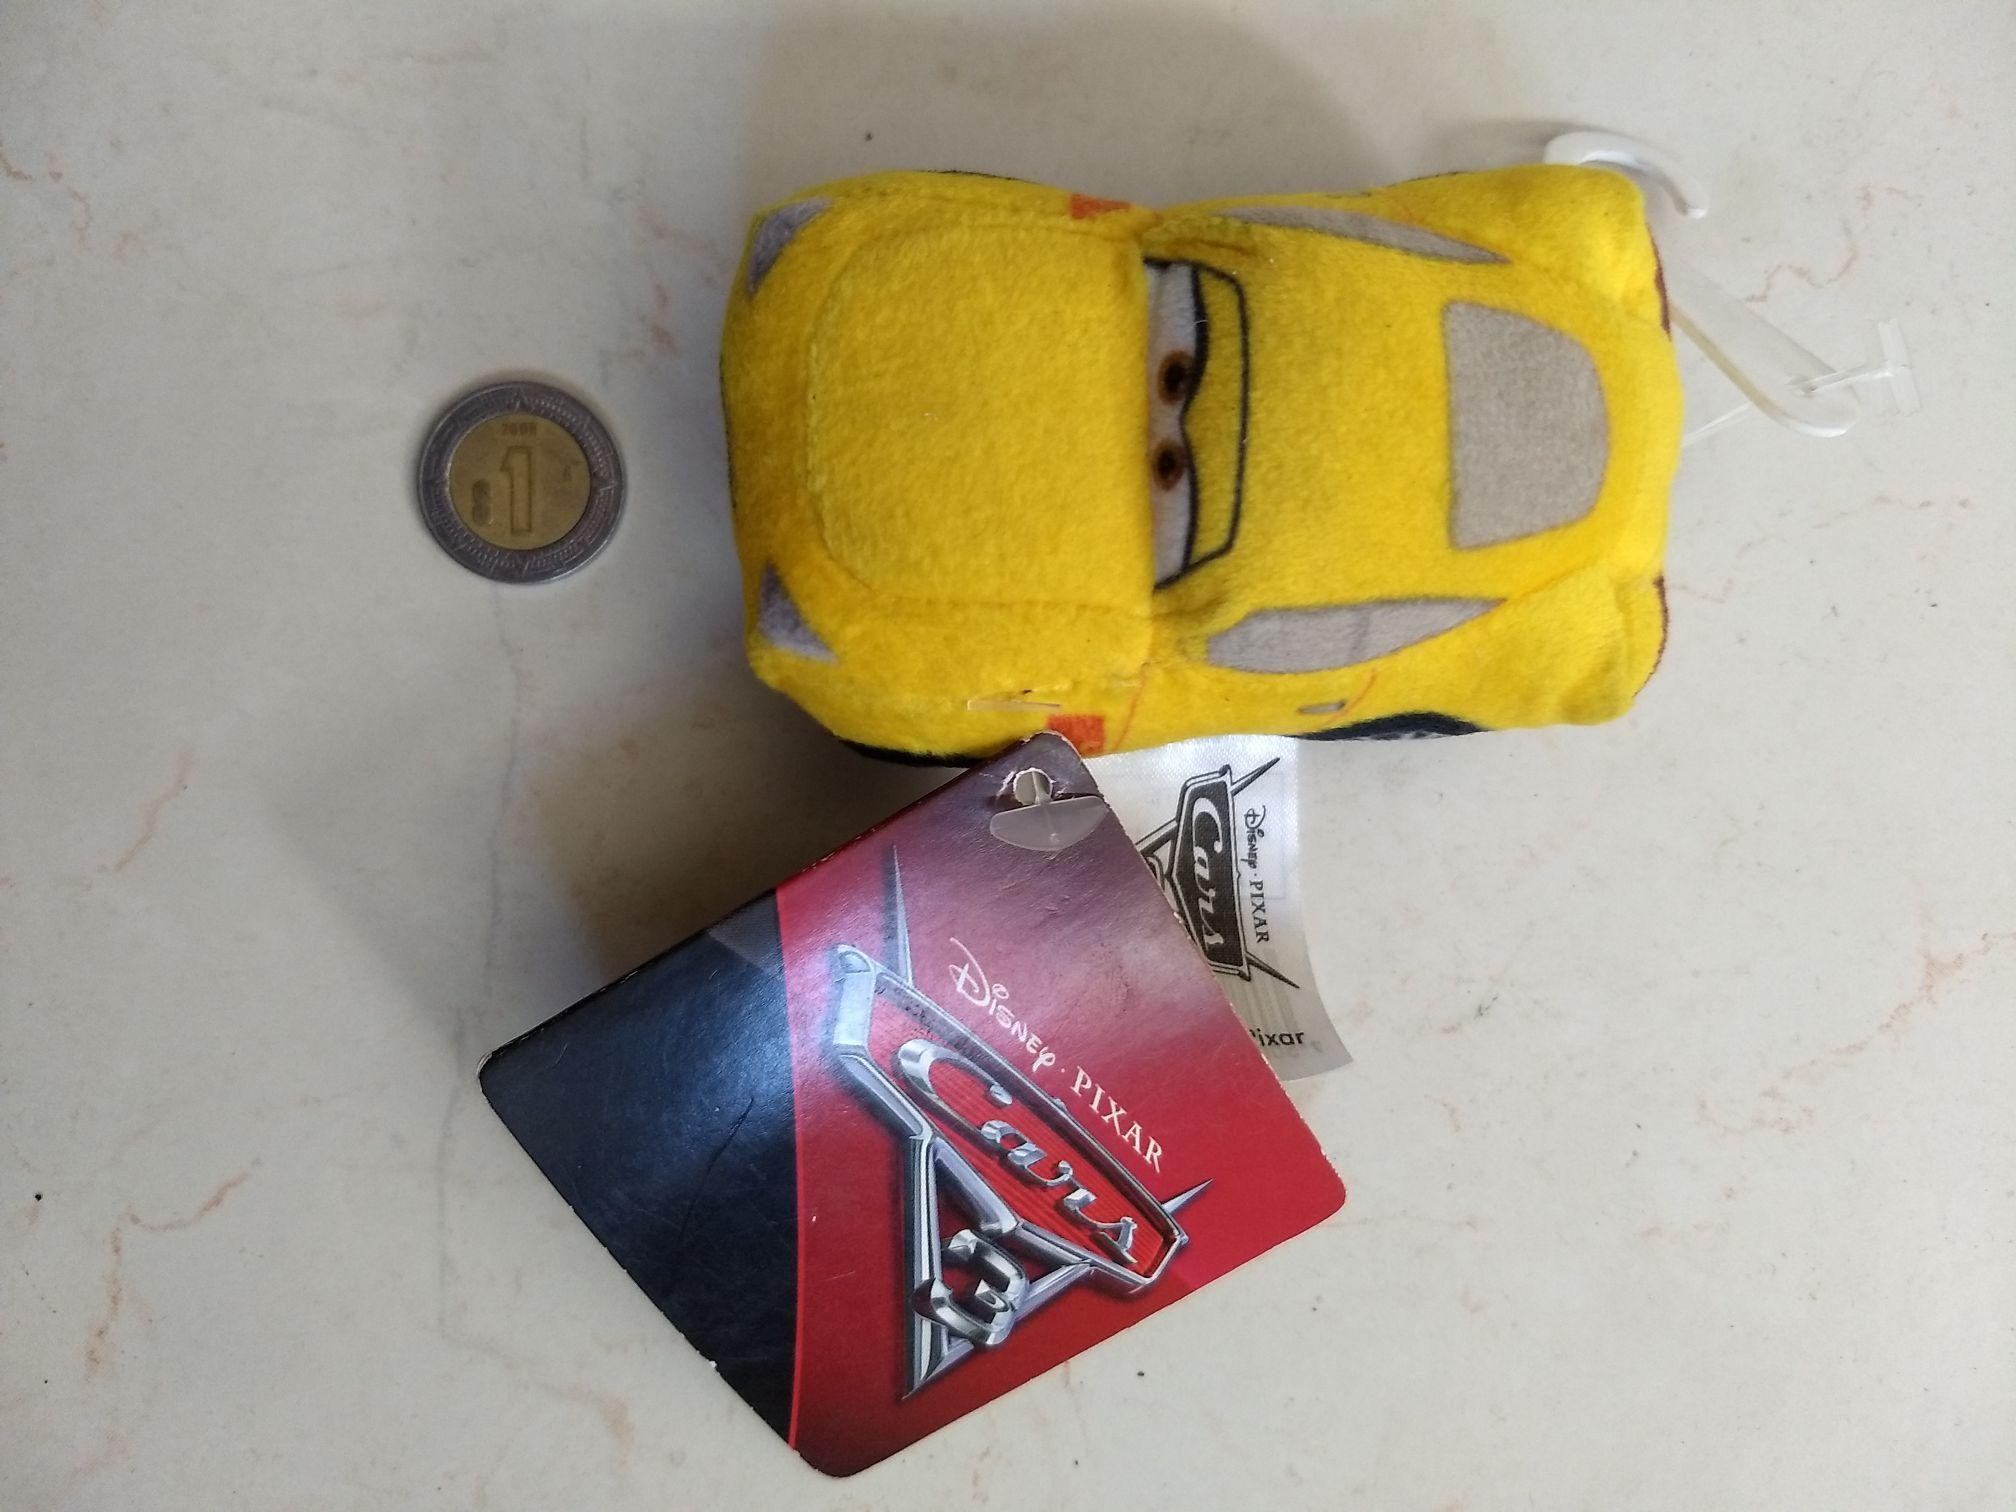 Chedraui Zapopan: mini peluche de Cars $8.60, Rollo adhesivo $9